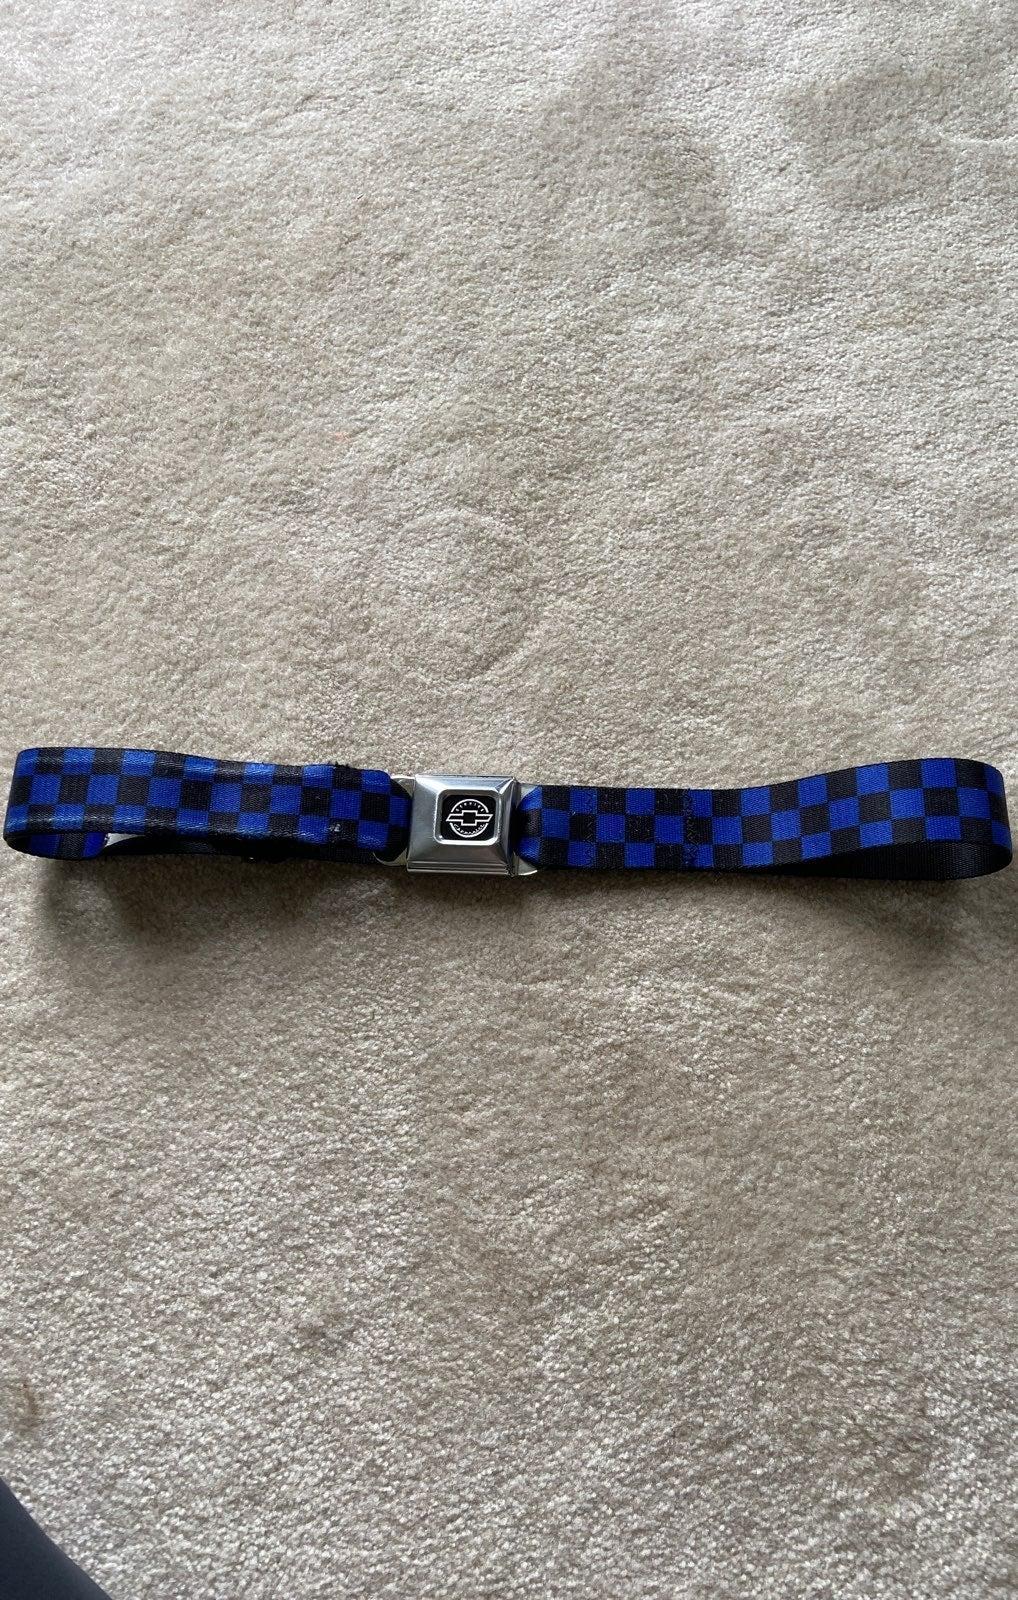 Chevrolet buckle belt